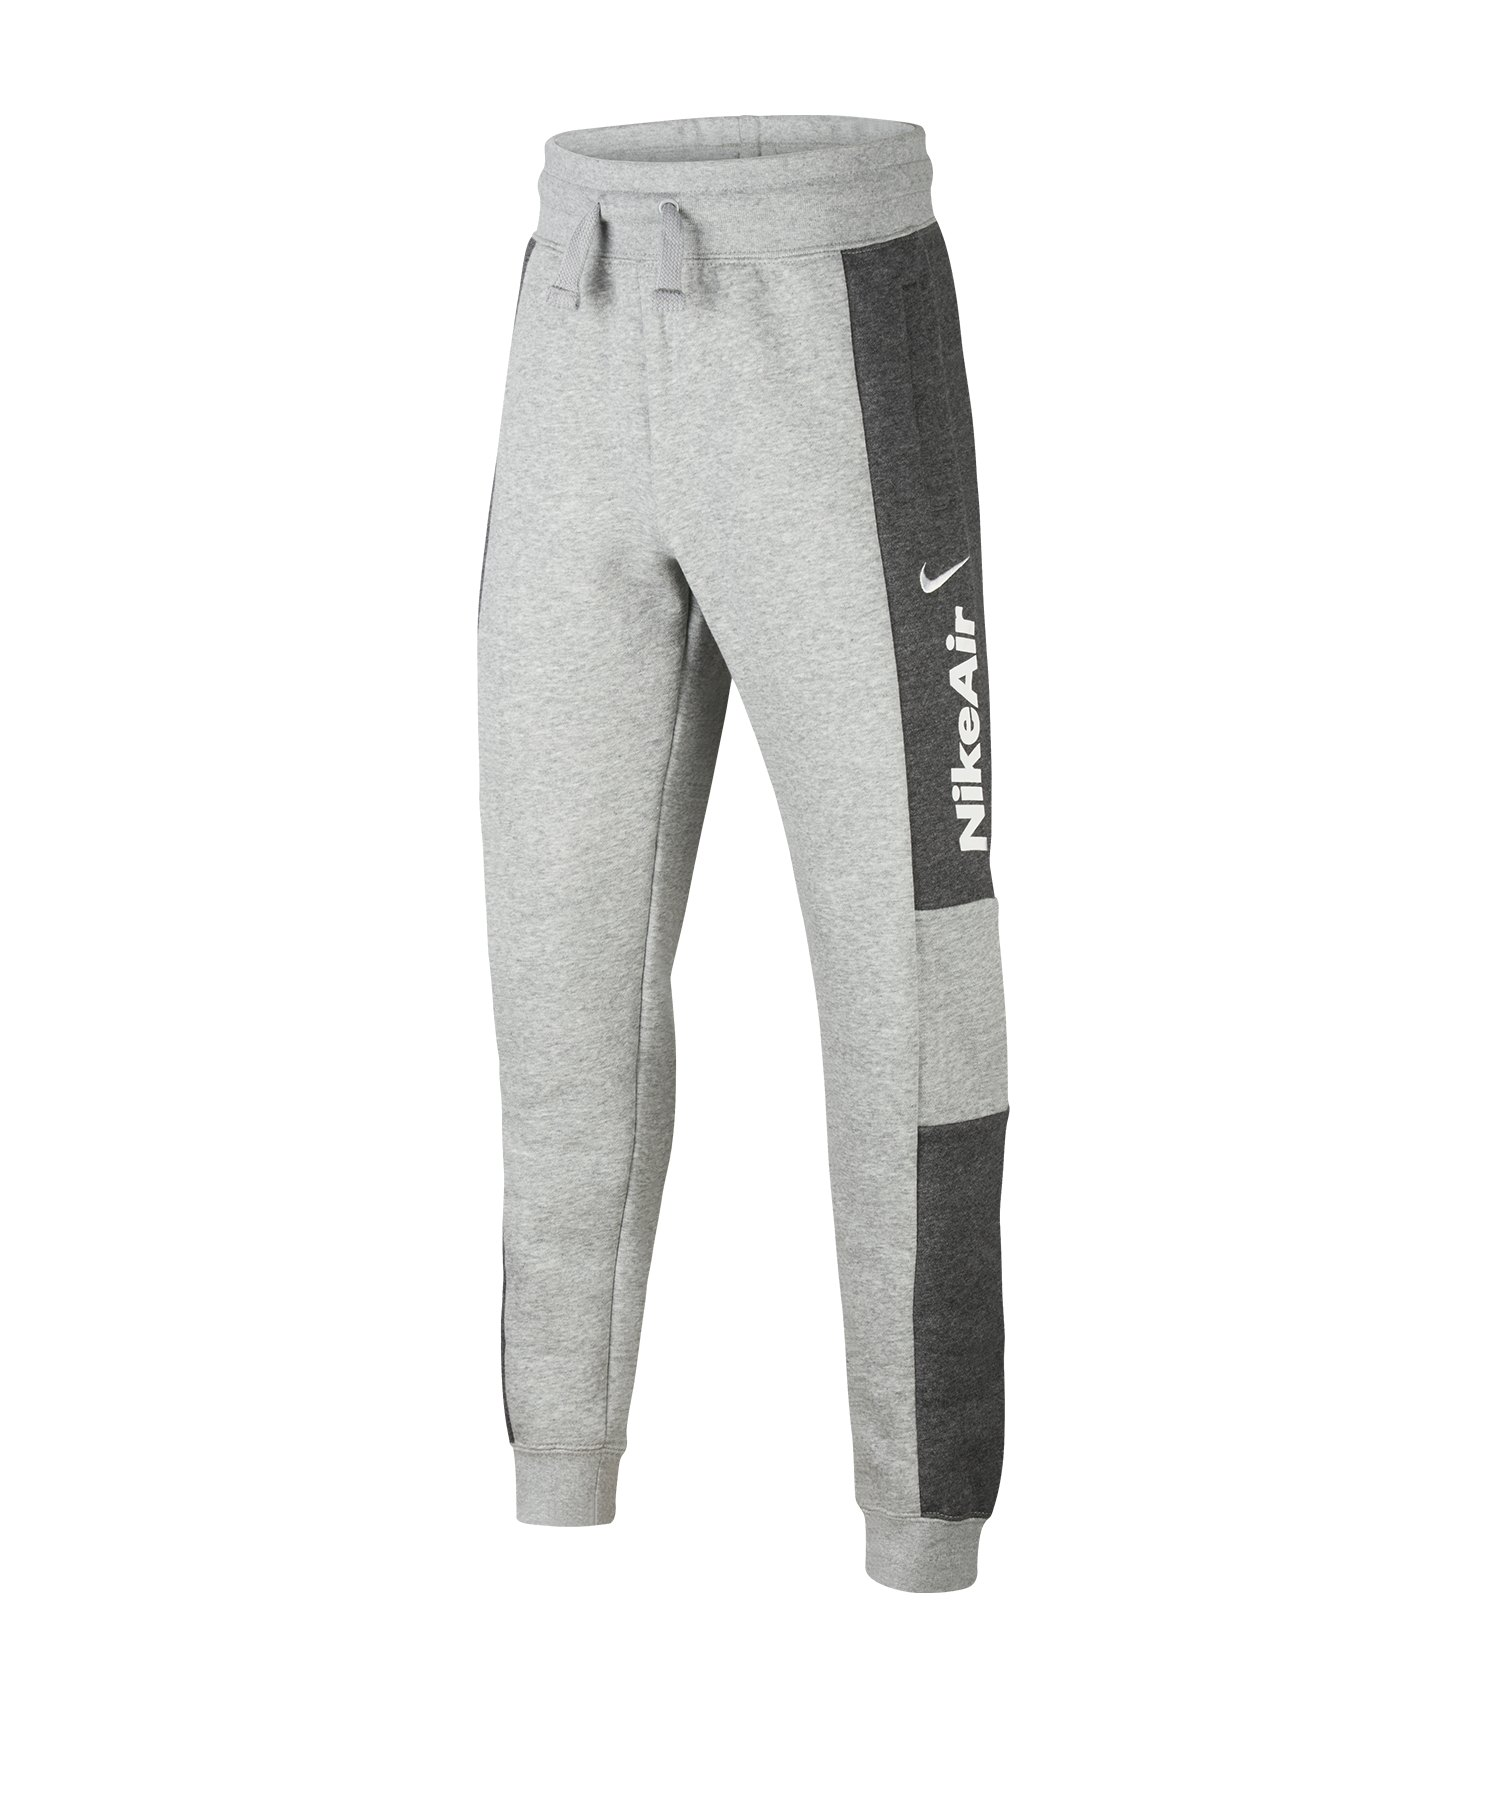 Nike Air Pants Hose lang Kids Grau F071 - grau